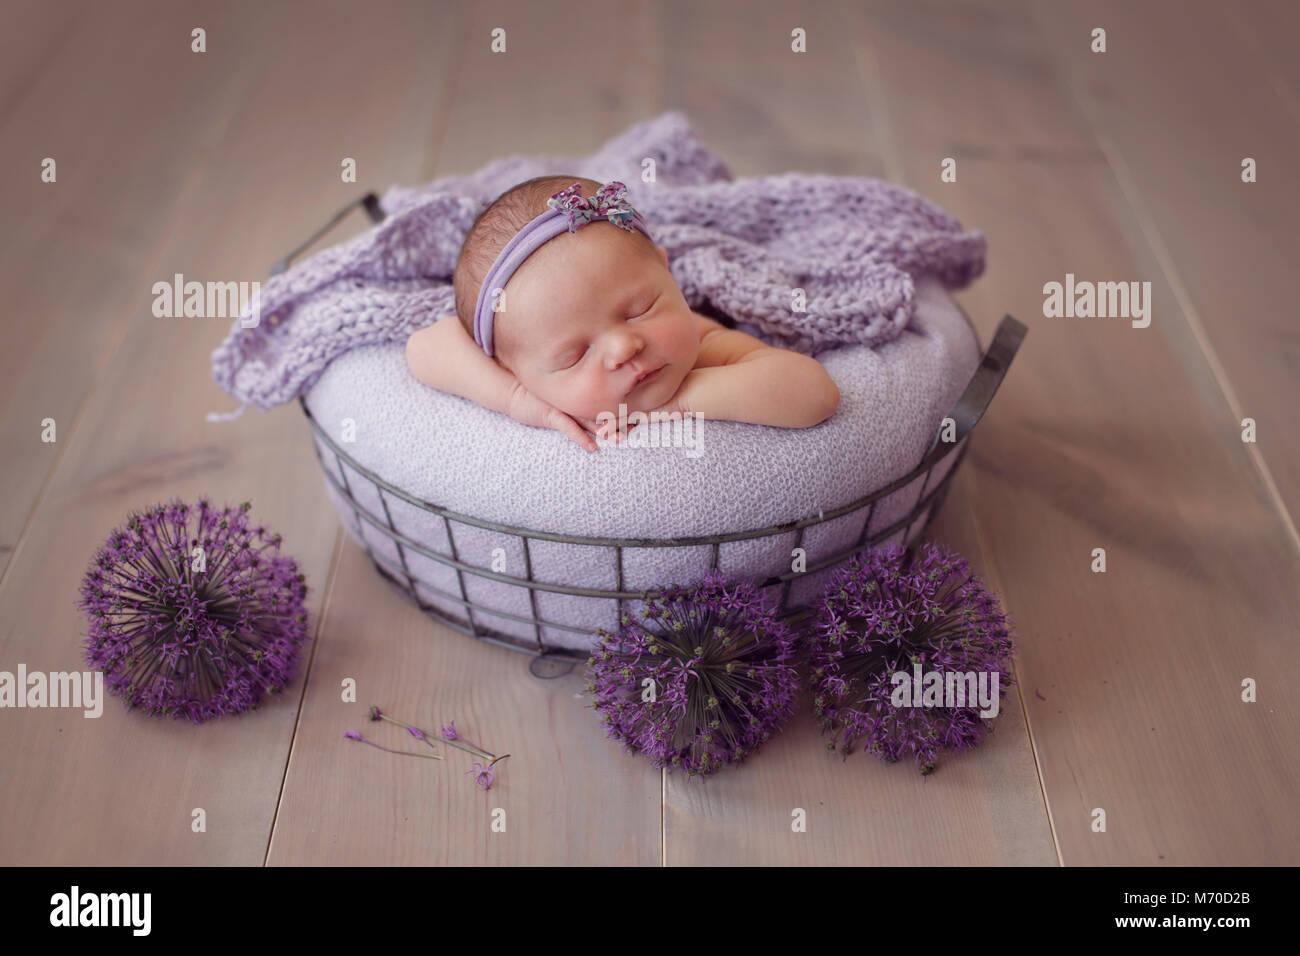 Canasta De Recien Nacido.Bebe Recien Nacido Duerme En Una Canasta Sobre Un Fondo De